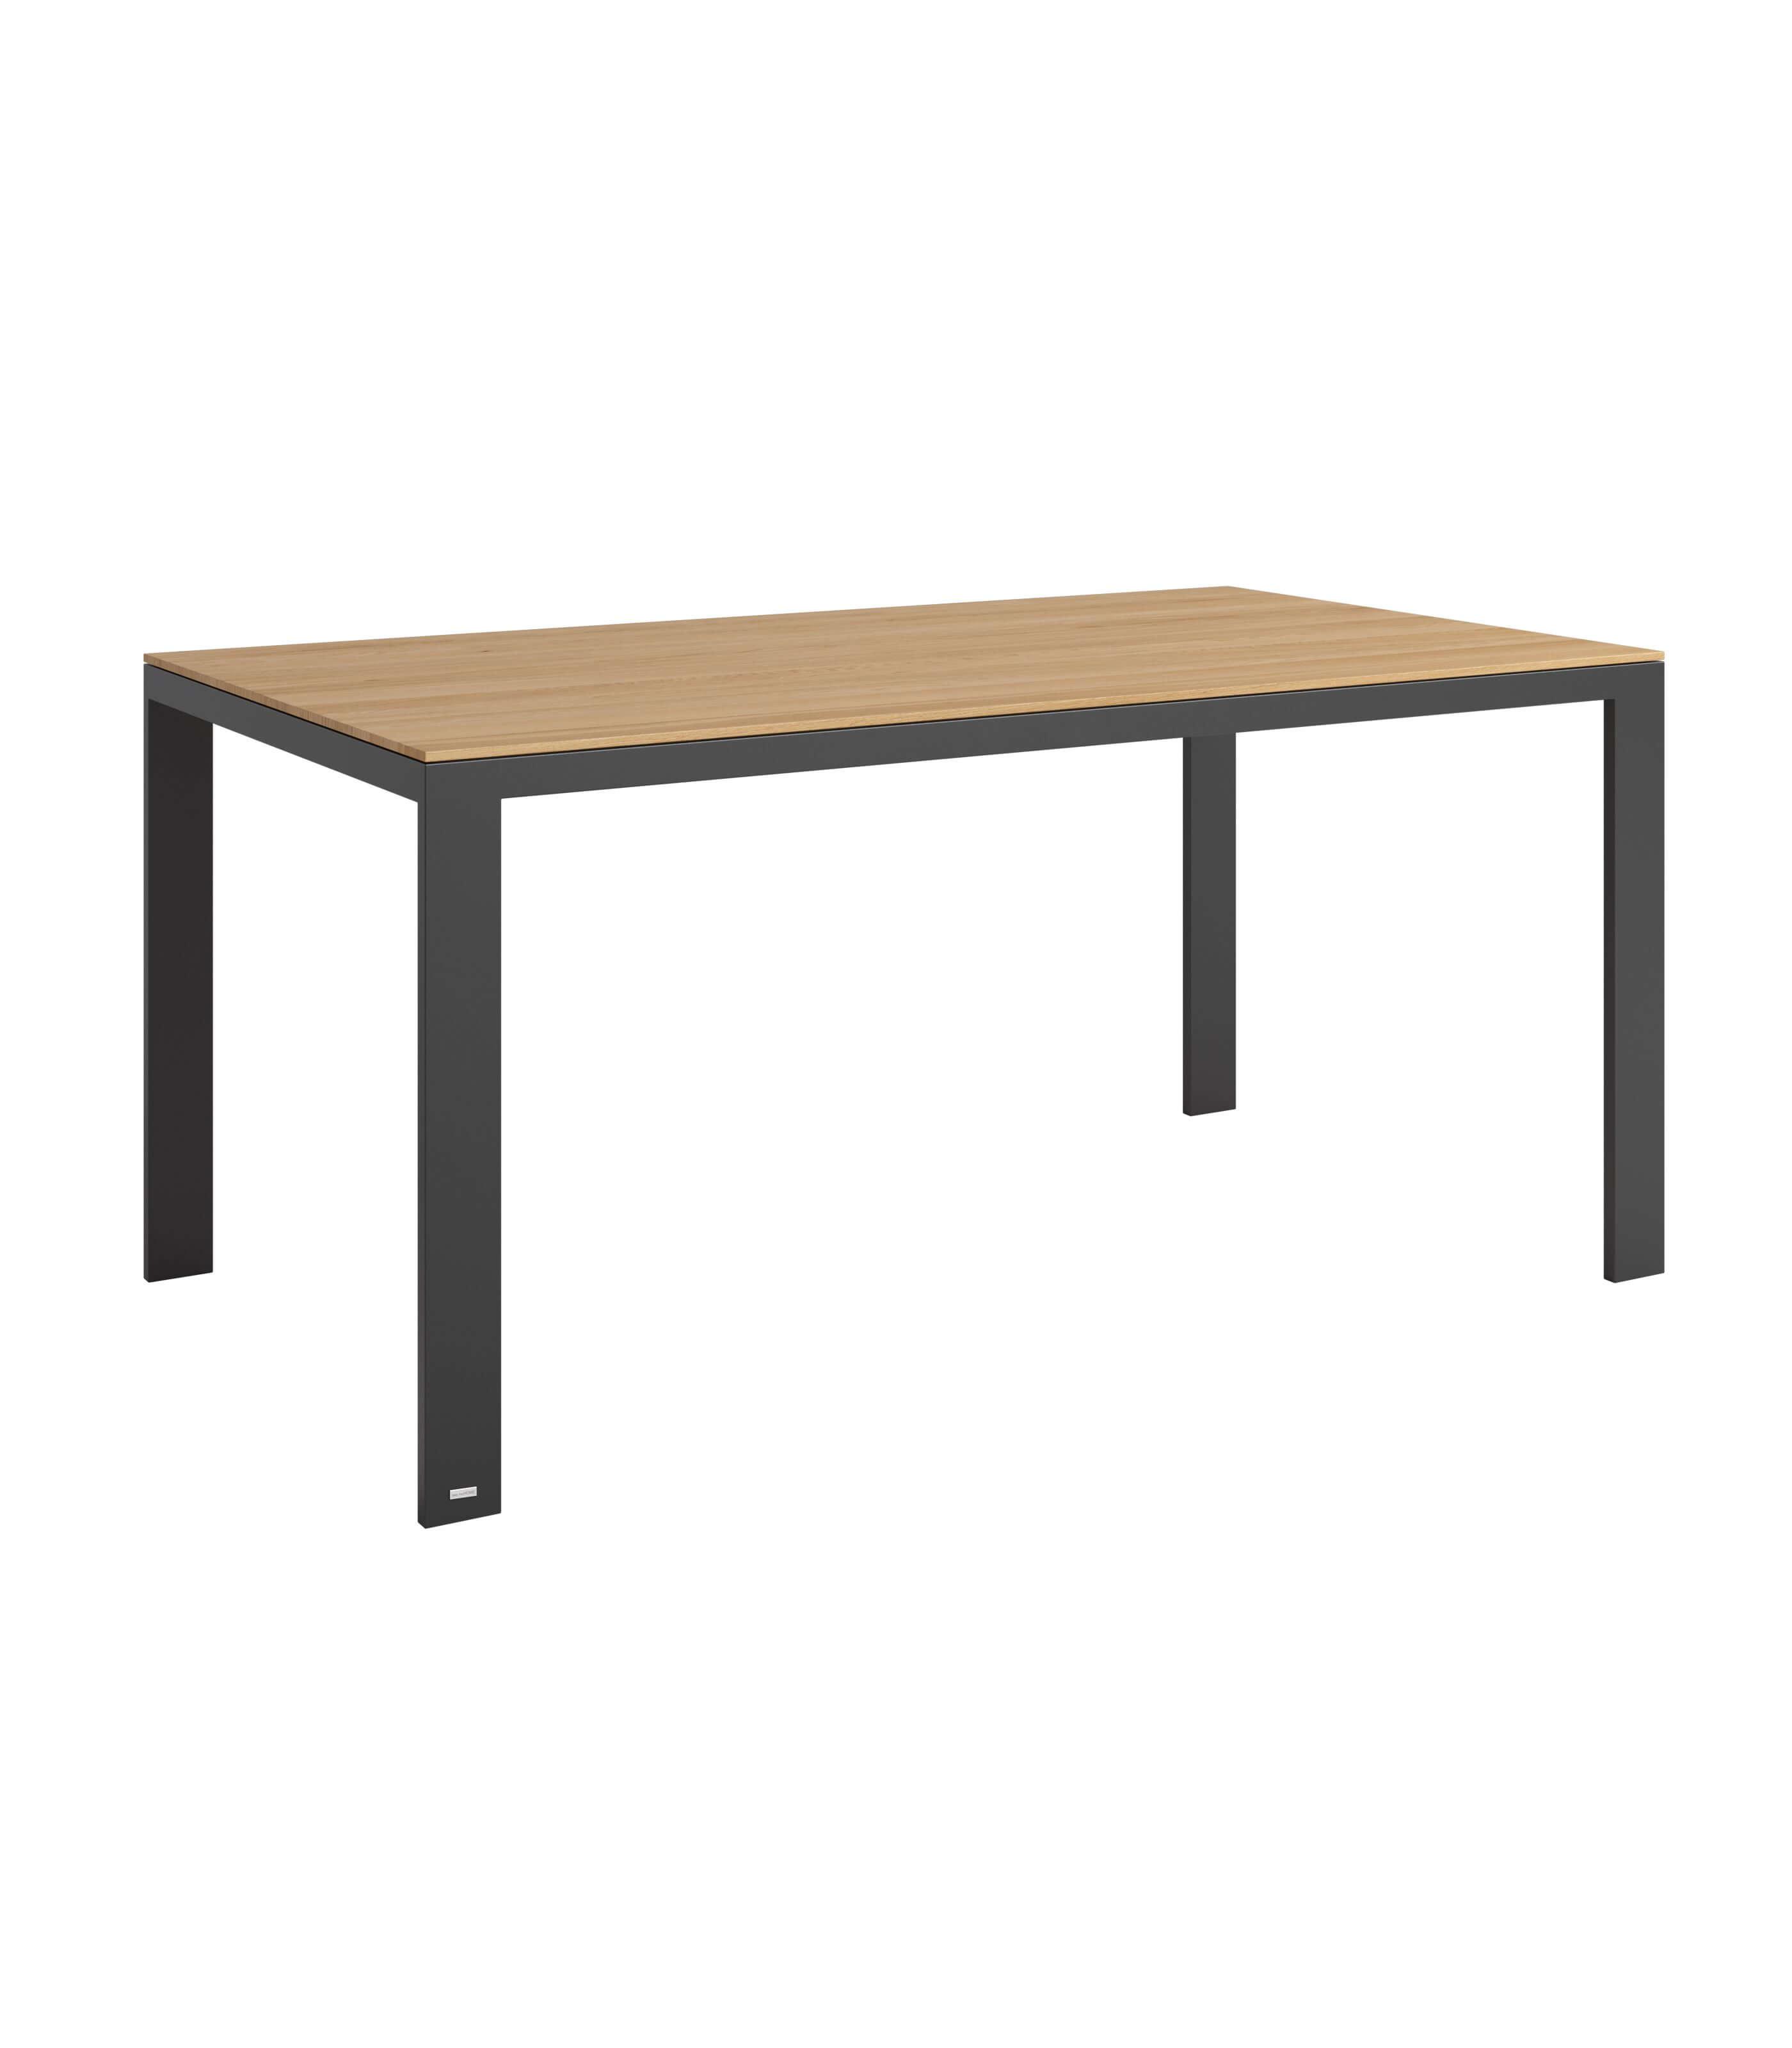 stół dębowy nowoczesny do jadalni czarny